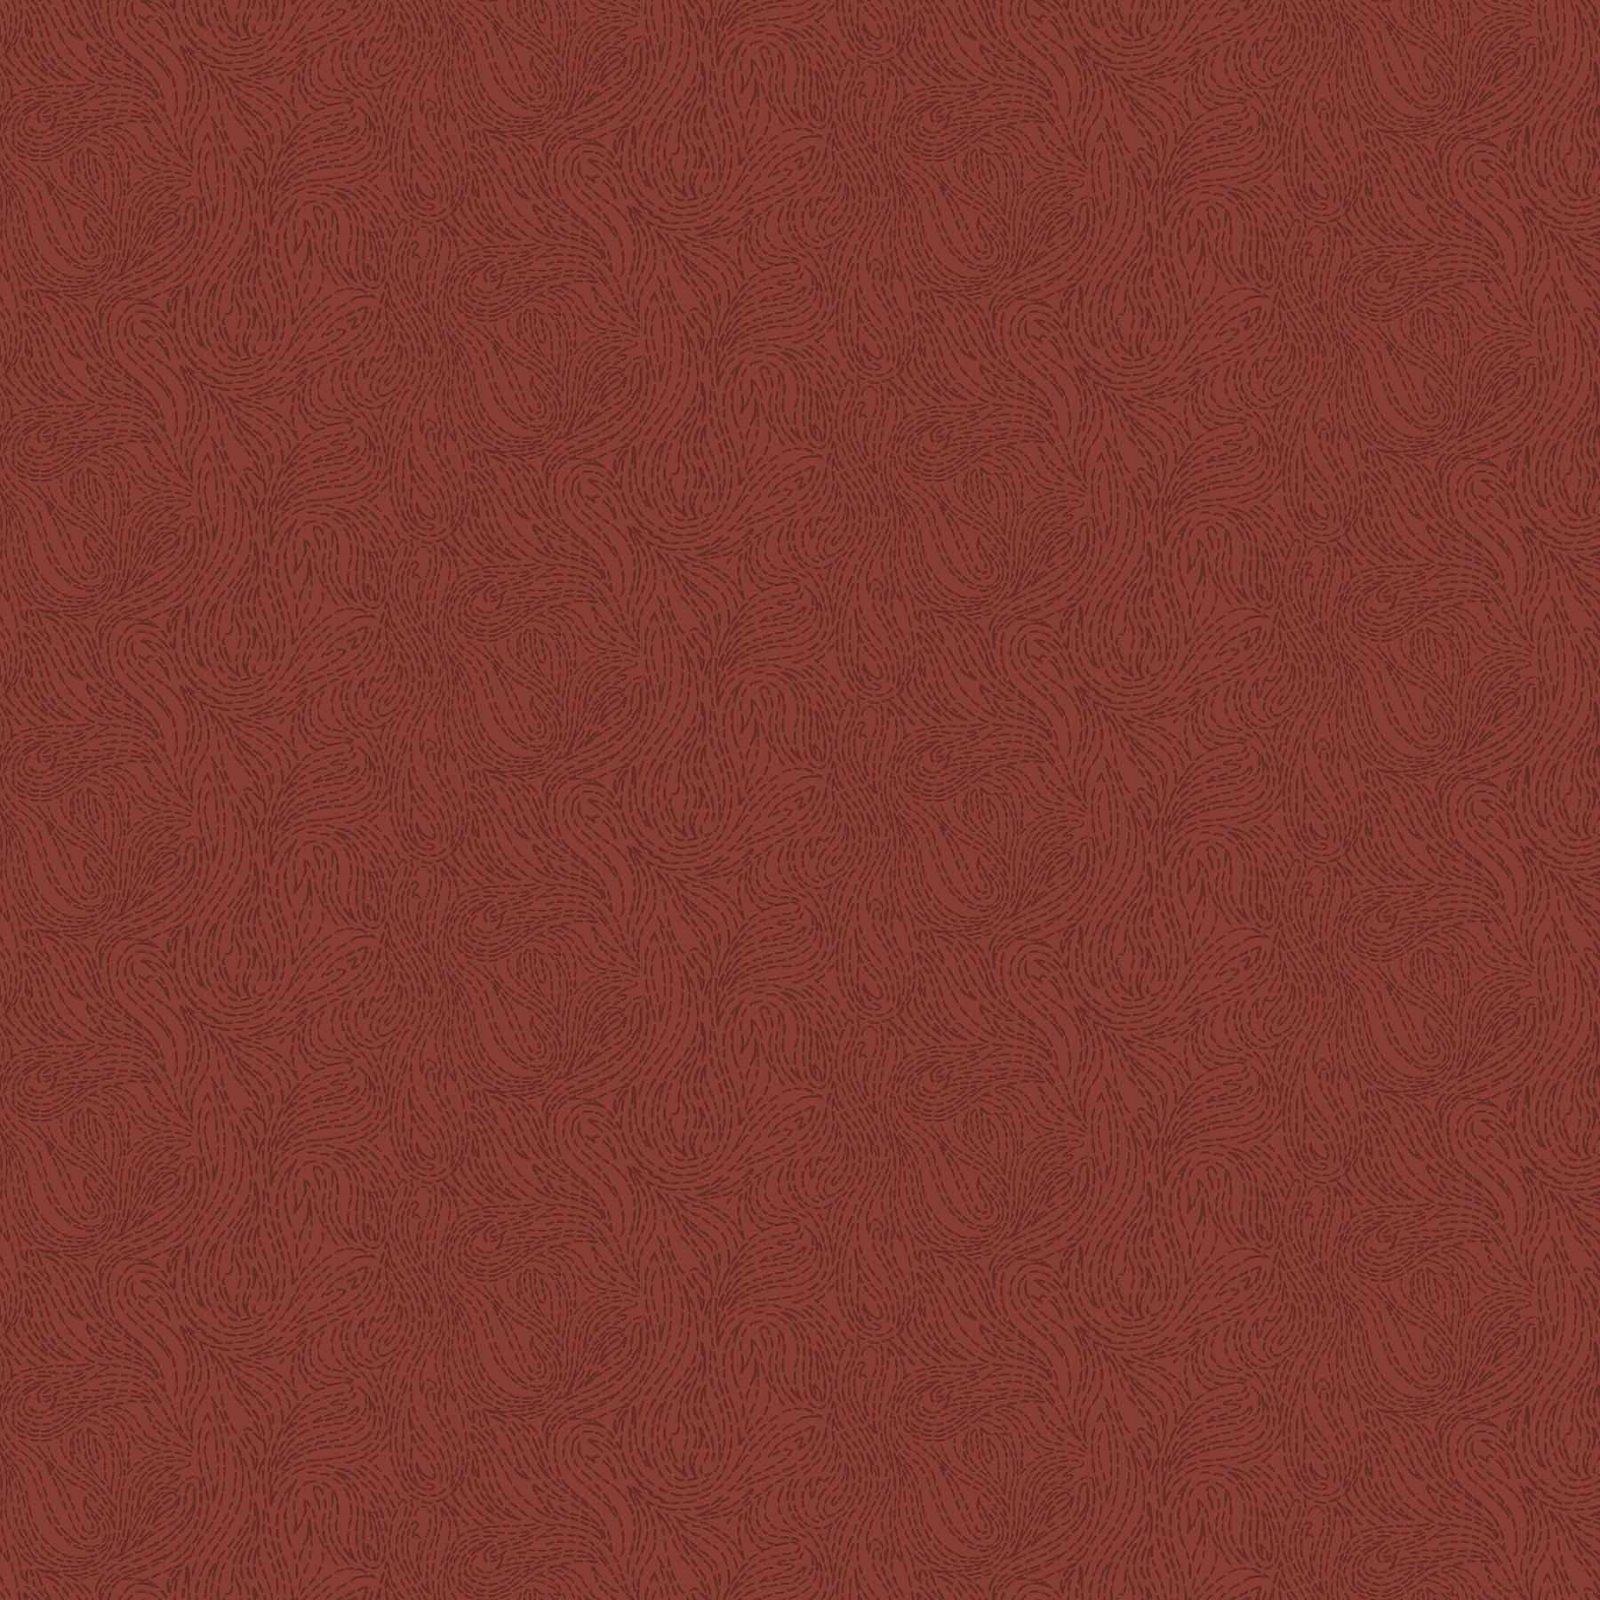 Figo Fabrics - Ghazal Razari - Elements Fire - Brown